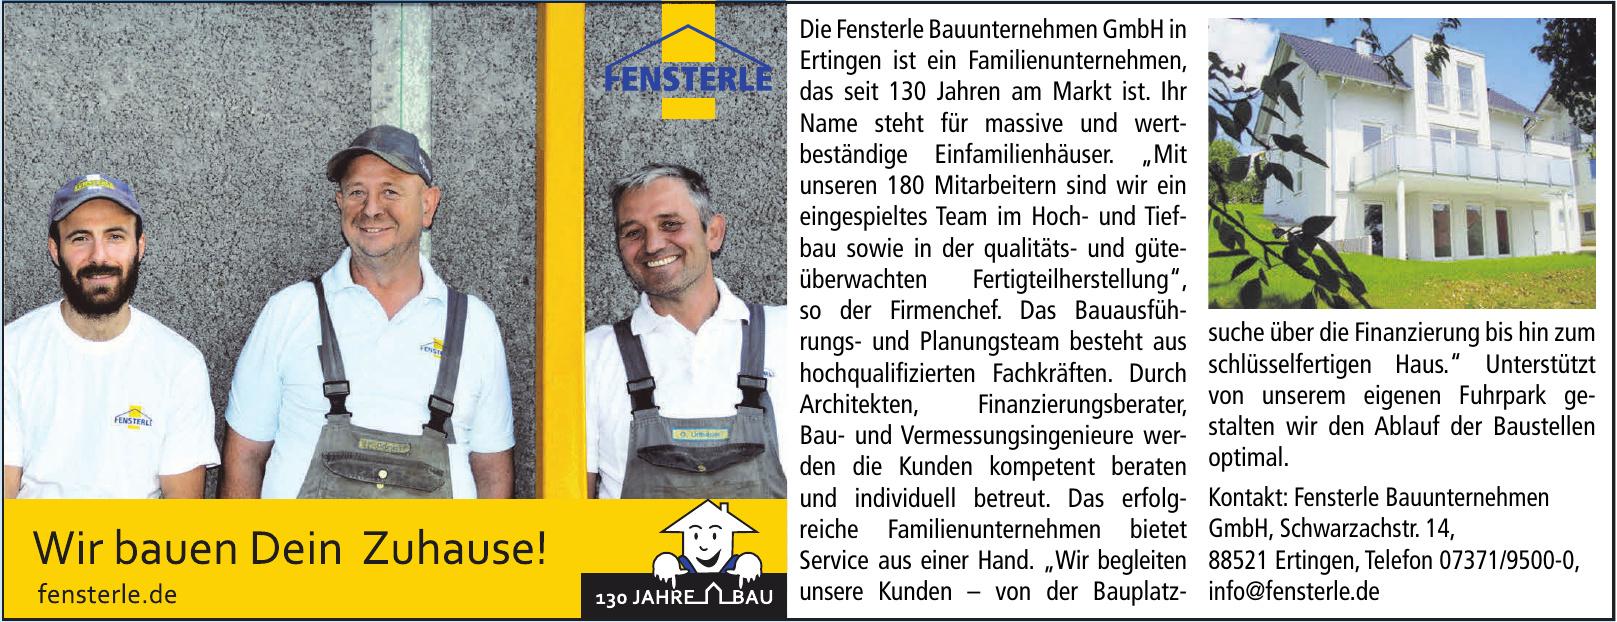 Fensterle Bauunternehmen GmbH